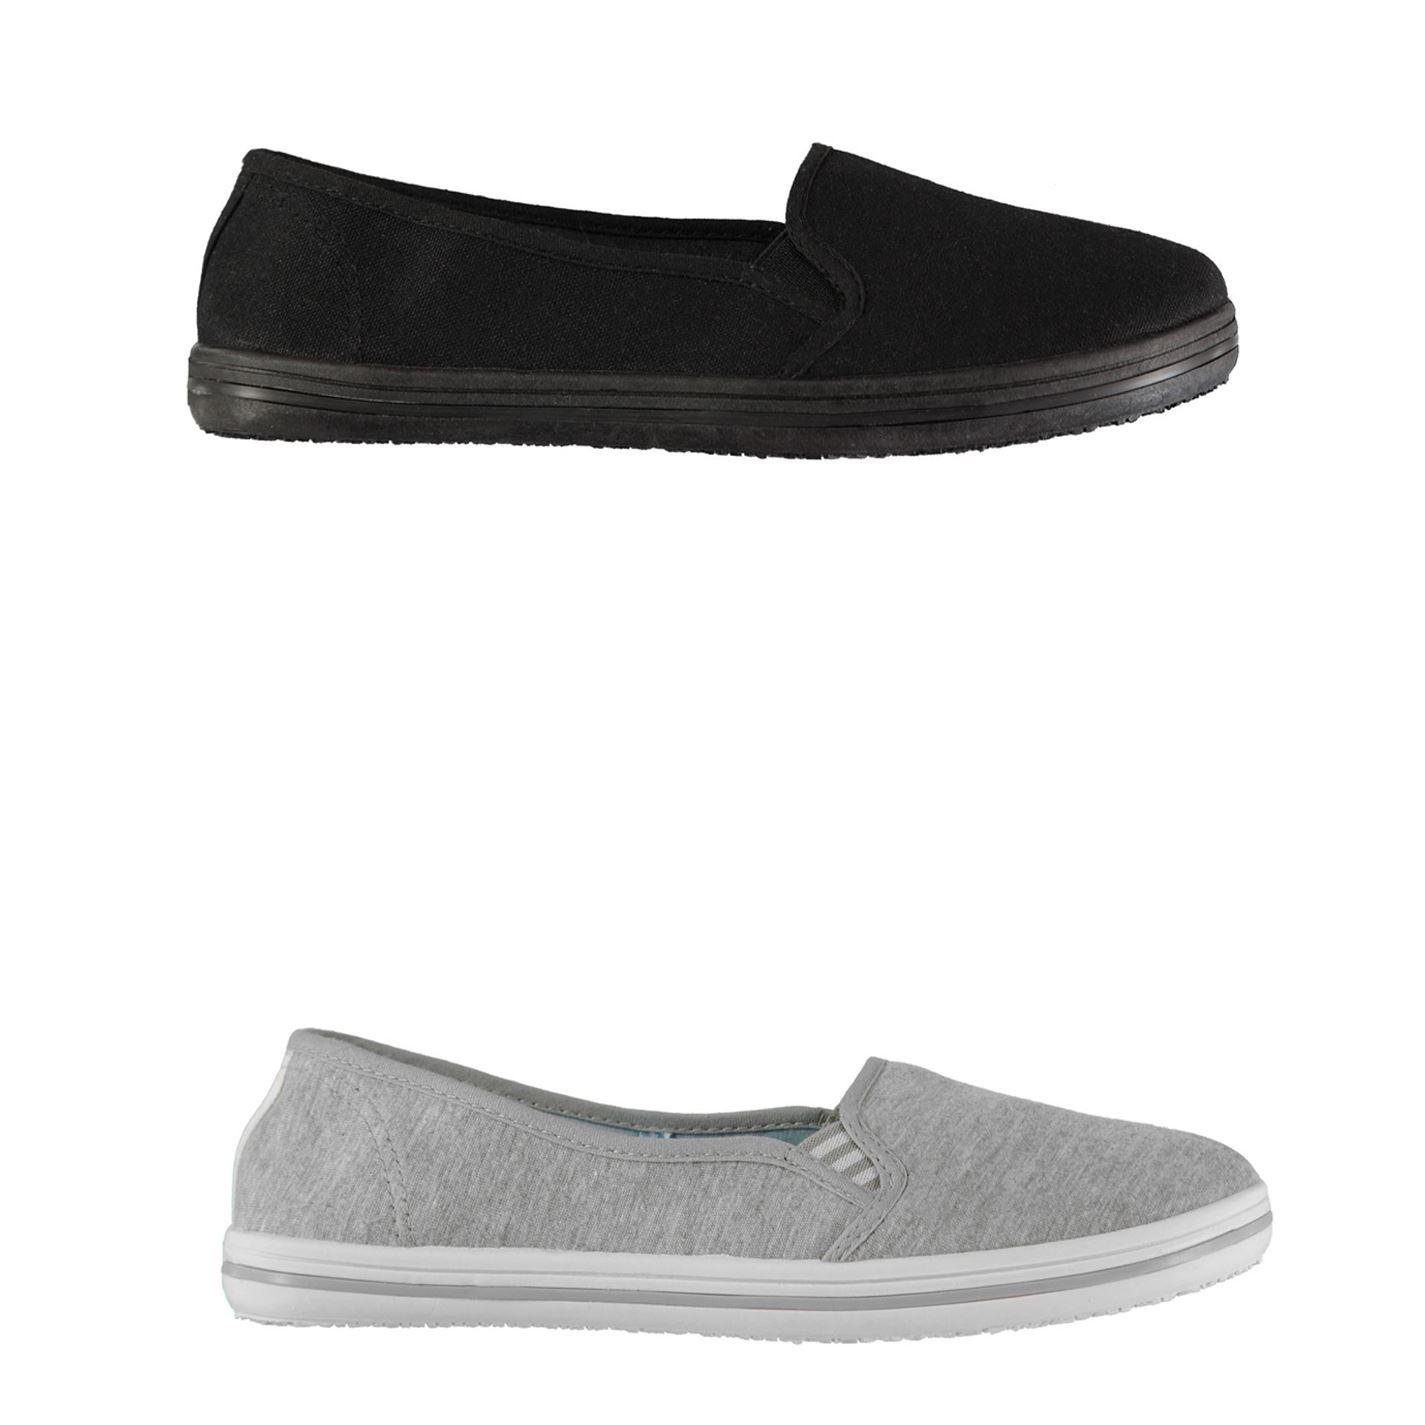 Slazenger Womens Canvas Slip On Shoes